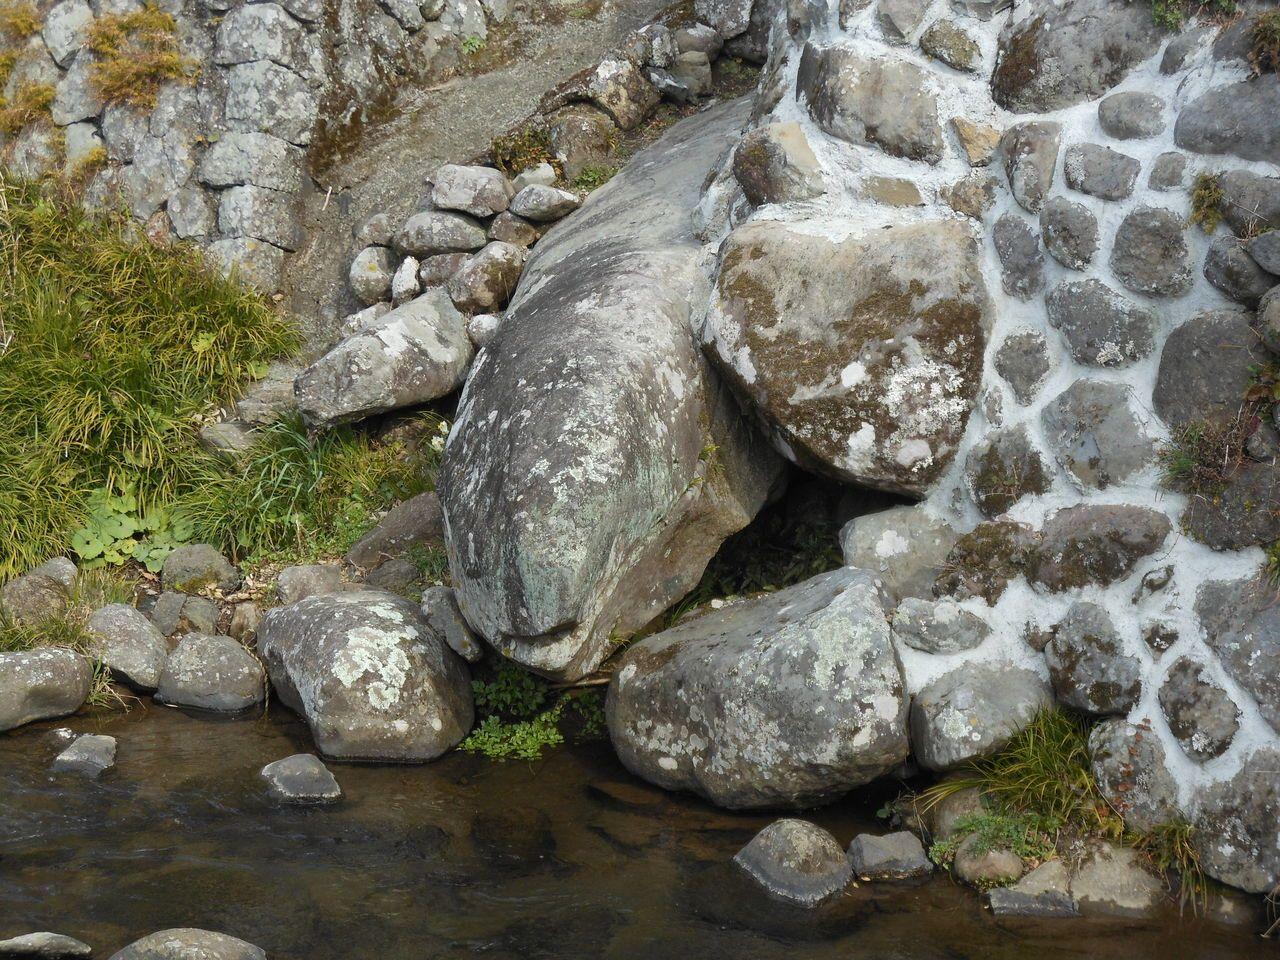 親子の蛇が揃う!見ているだけでも縁起が良い石